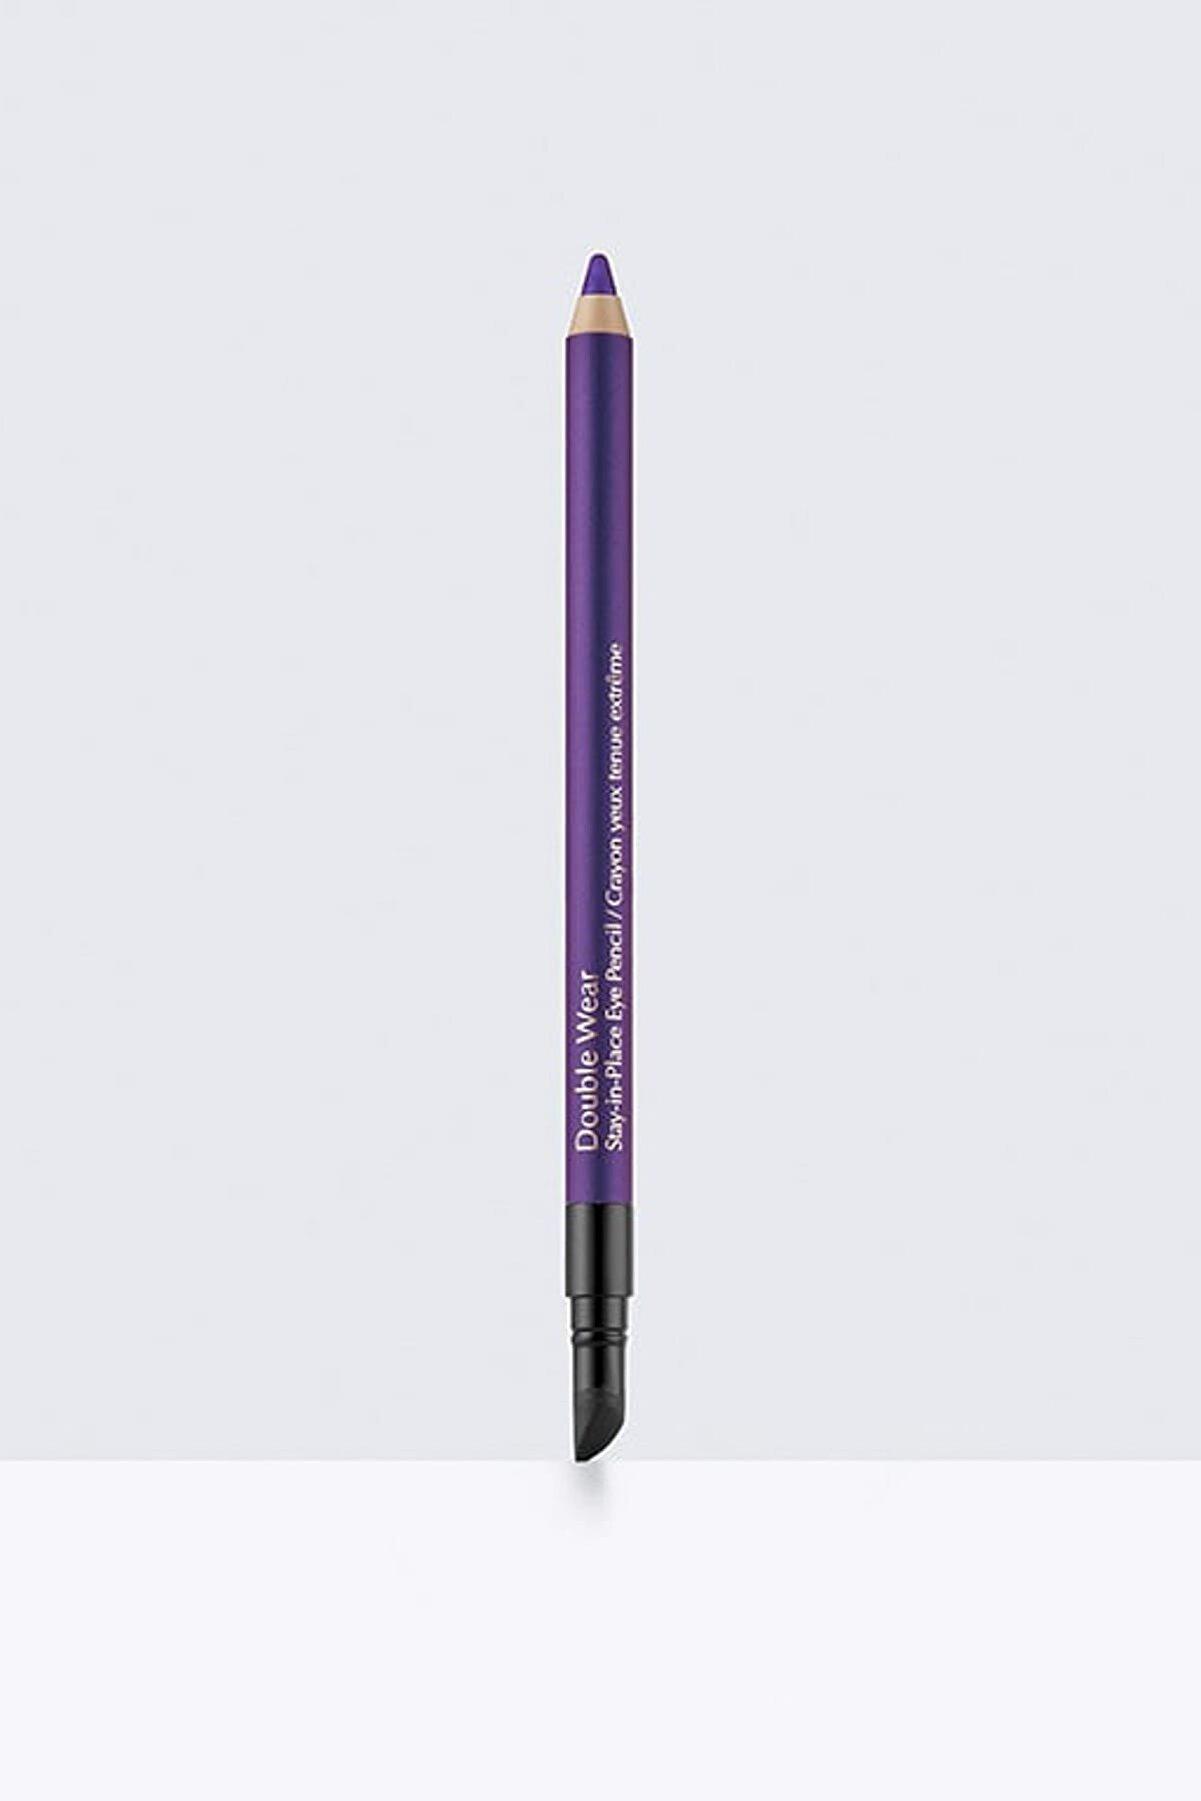 Estee Lauder Göz Kalemi - DoubleWear Stay In Place Eye Pencil 05 Night Violet 1.2 g 887167031296